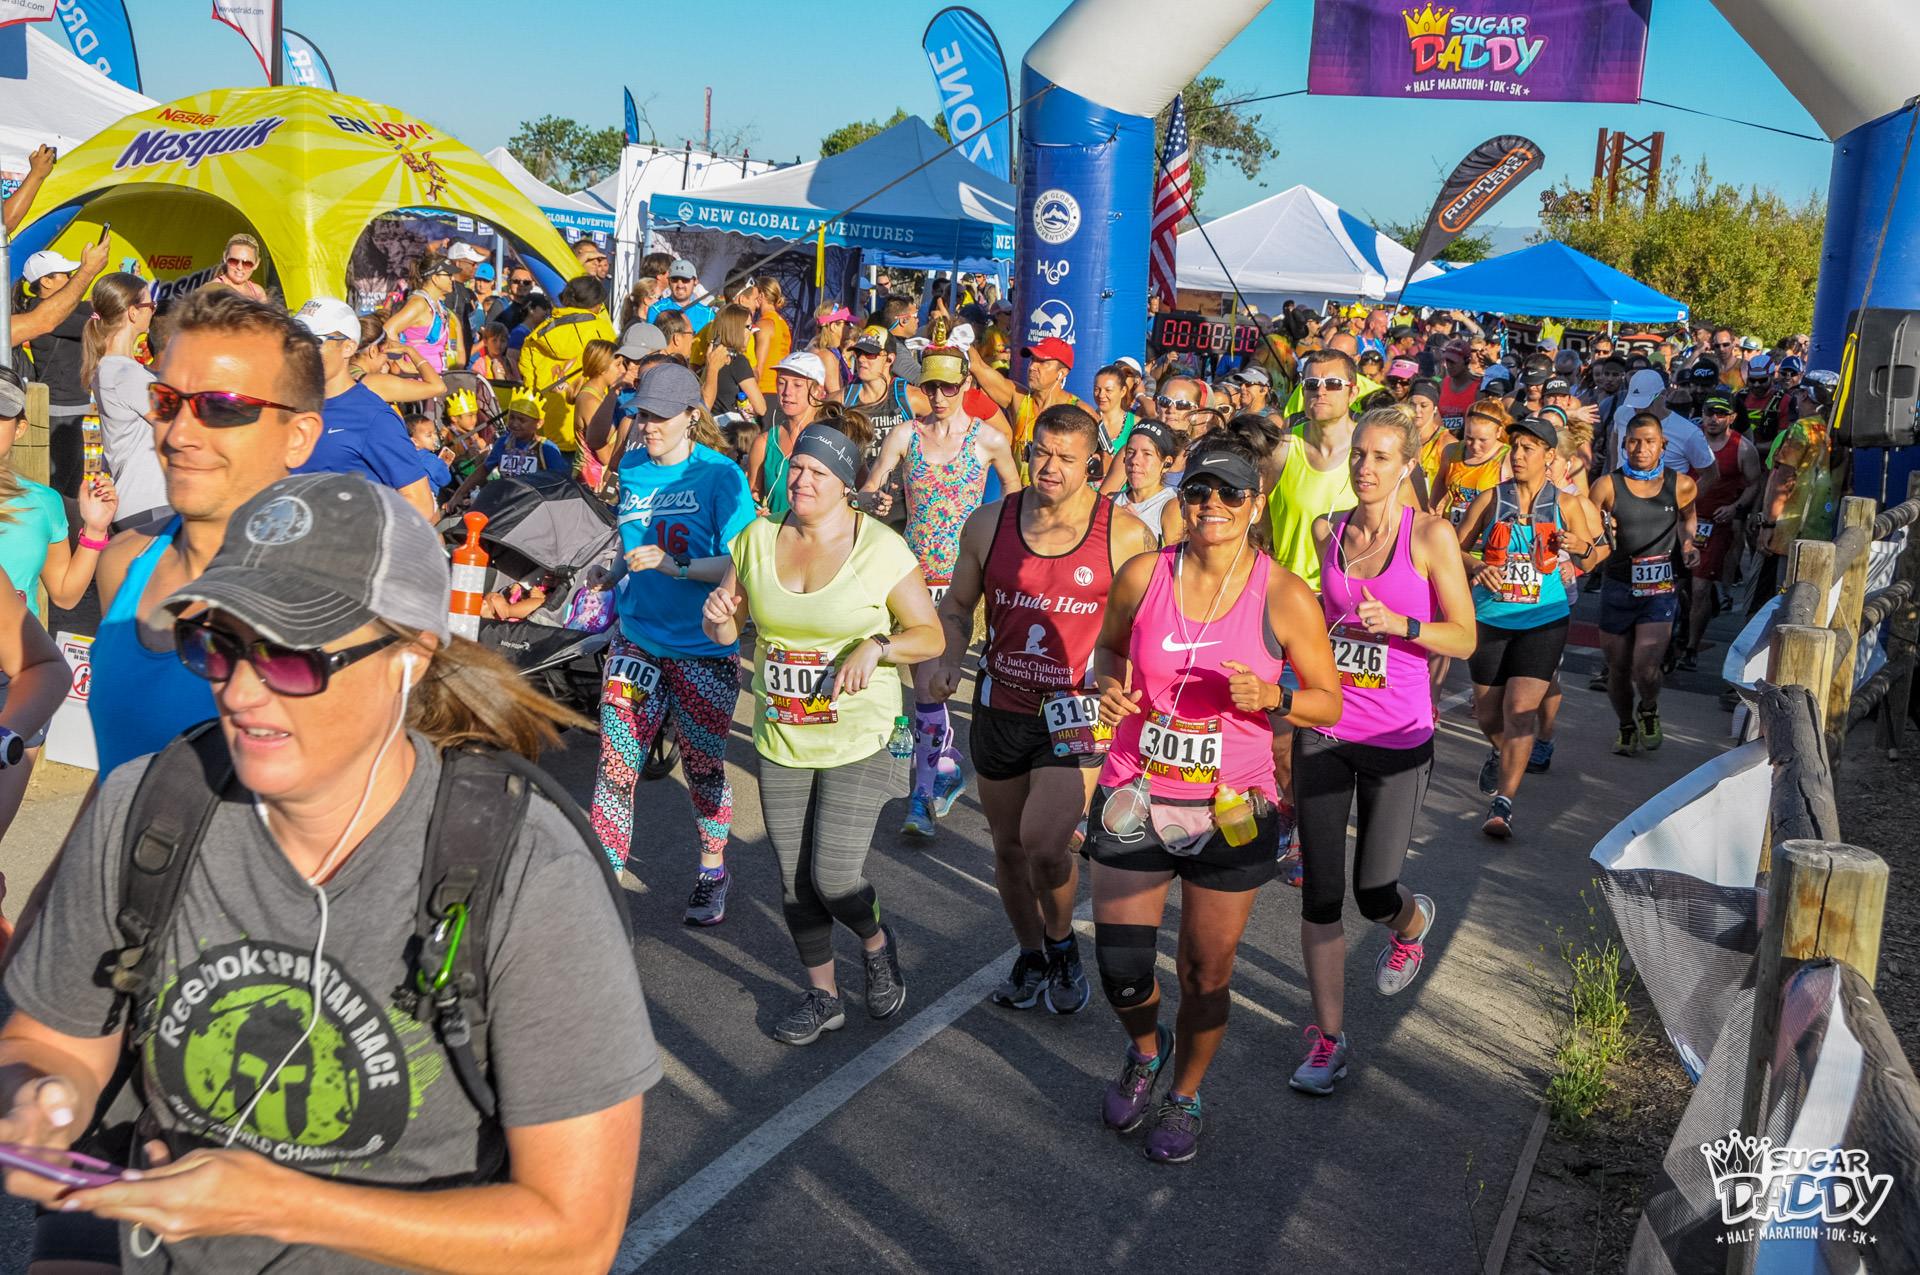 Sugar Daddy Half Marathon, 10K, 5K, & Kids